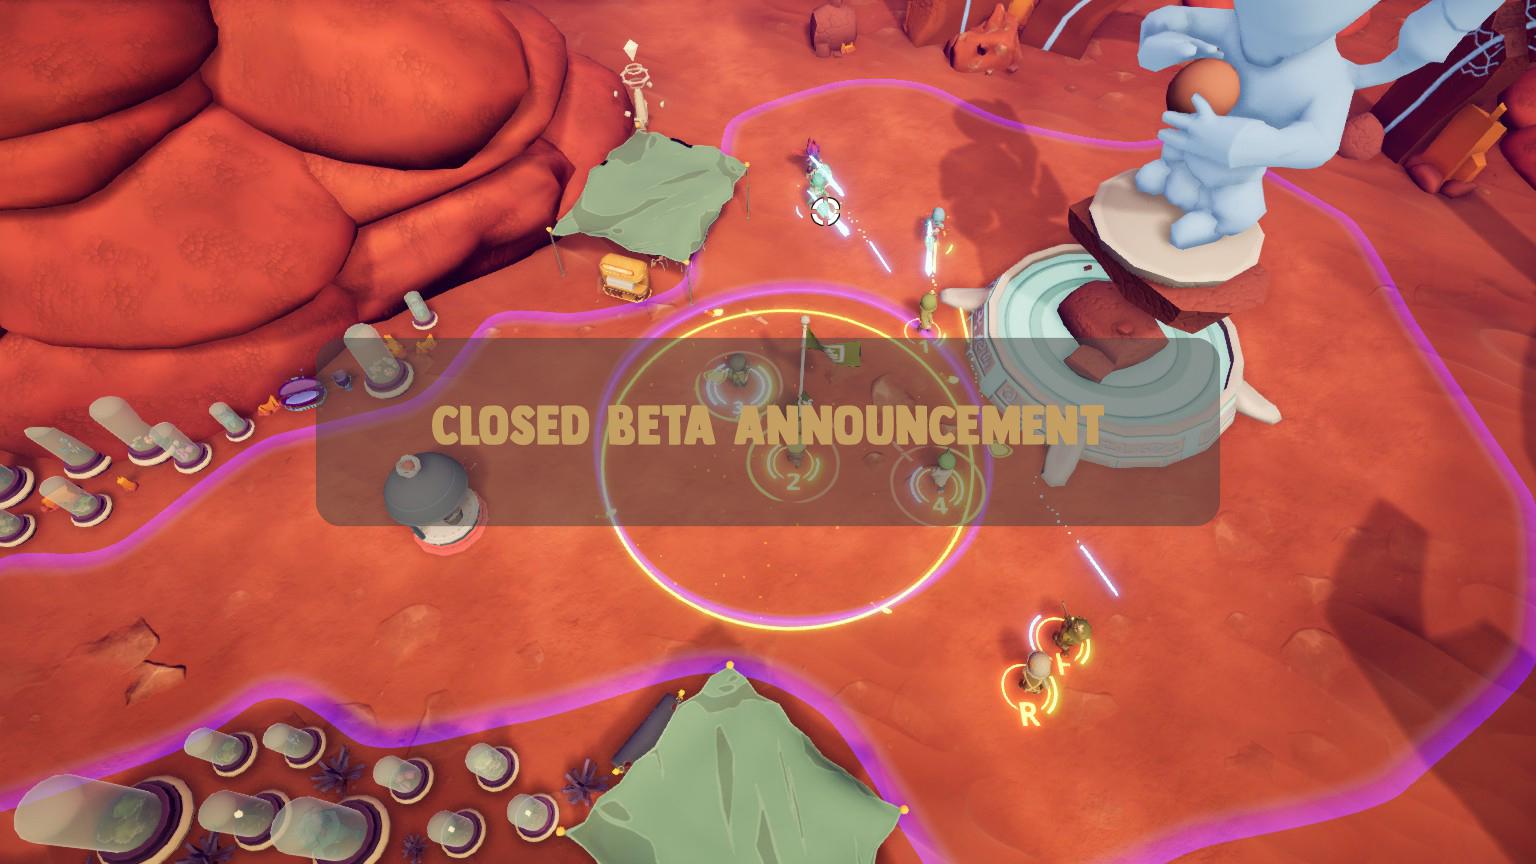 Closed Beta Announcement